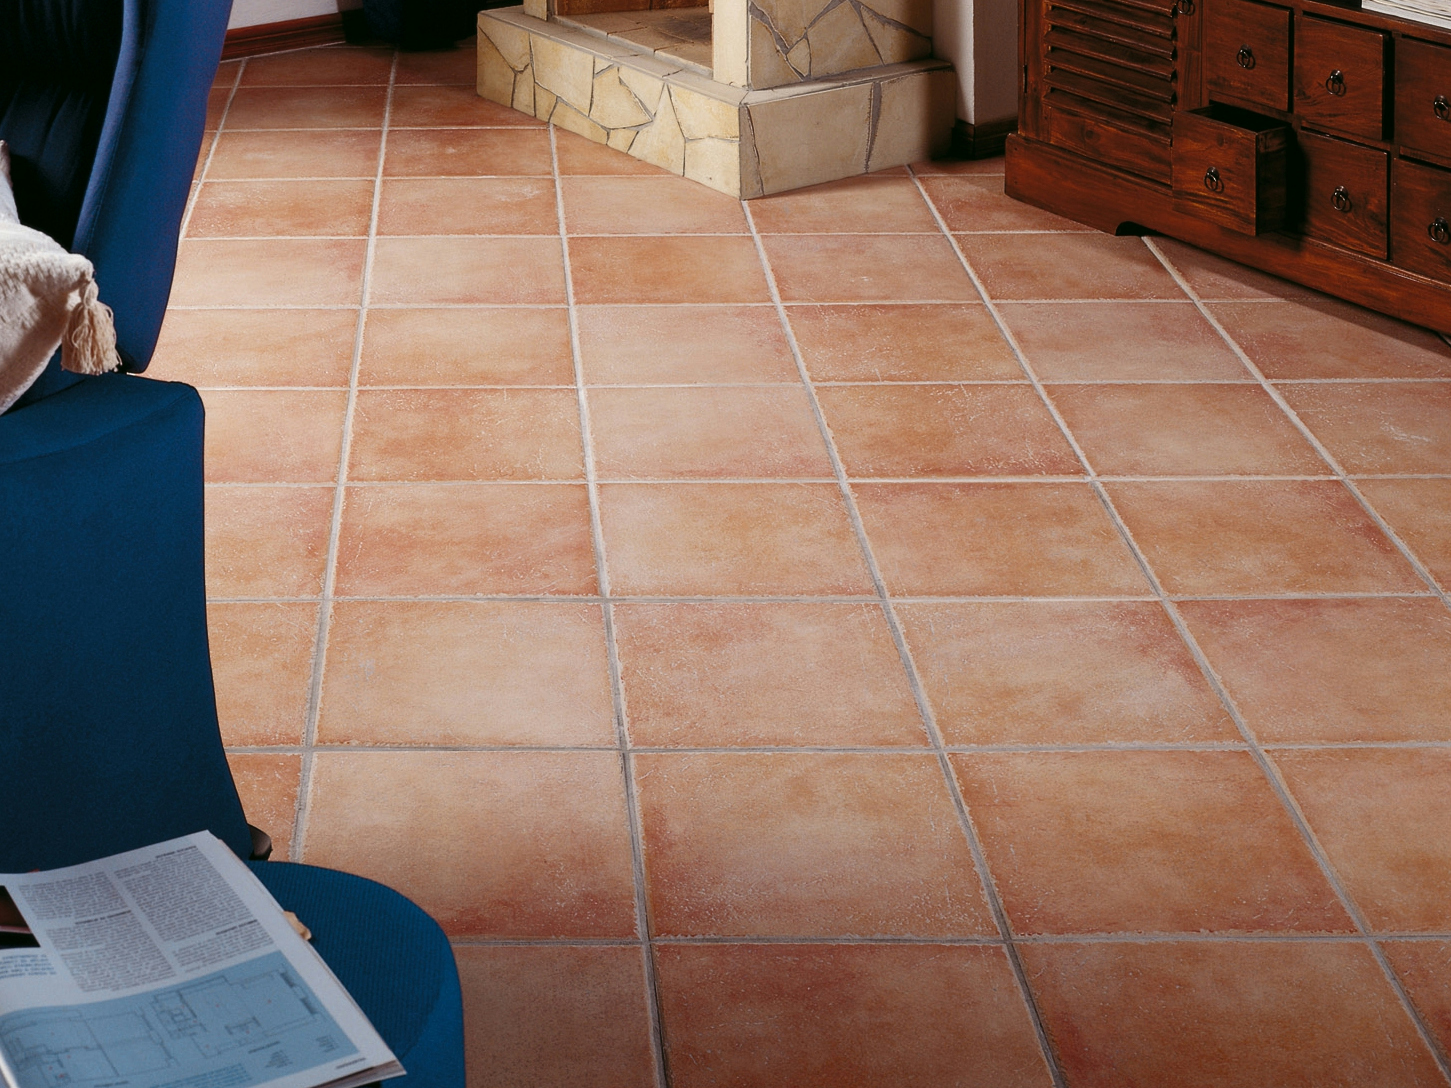 Pavimento in gres porcellanato per interni ed esterni cobble realonda - Piastrelle in gres porcellanato per interni ...